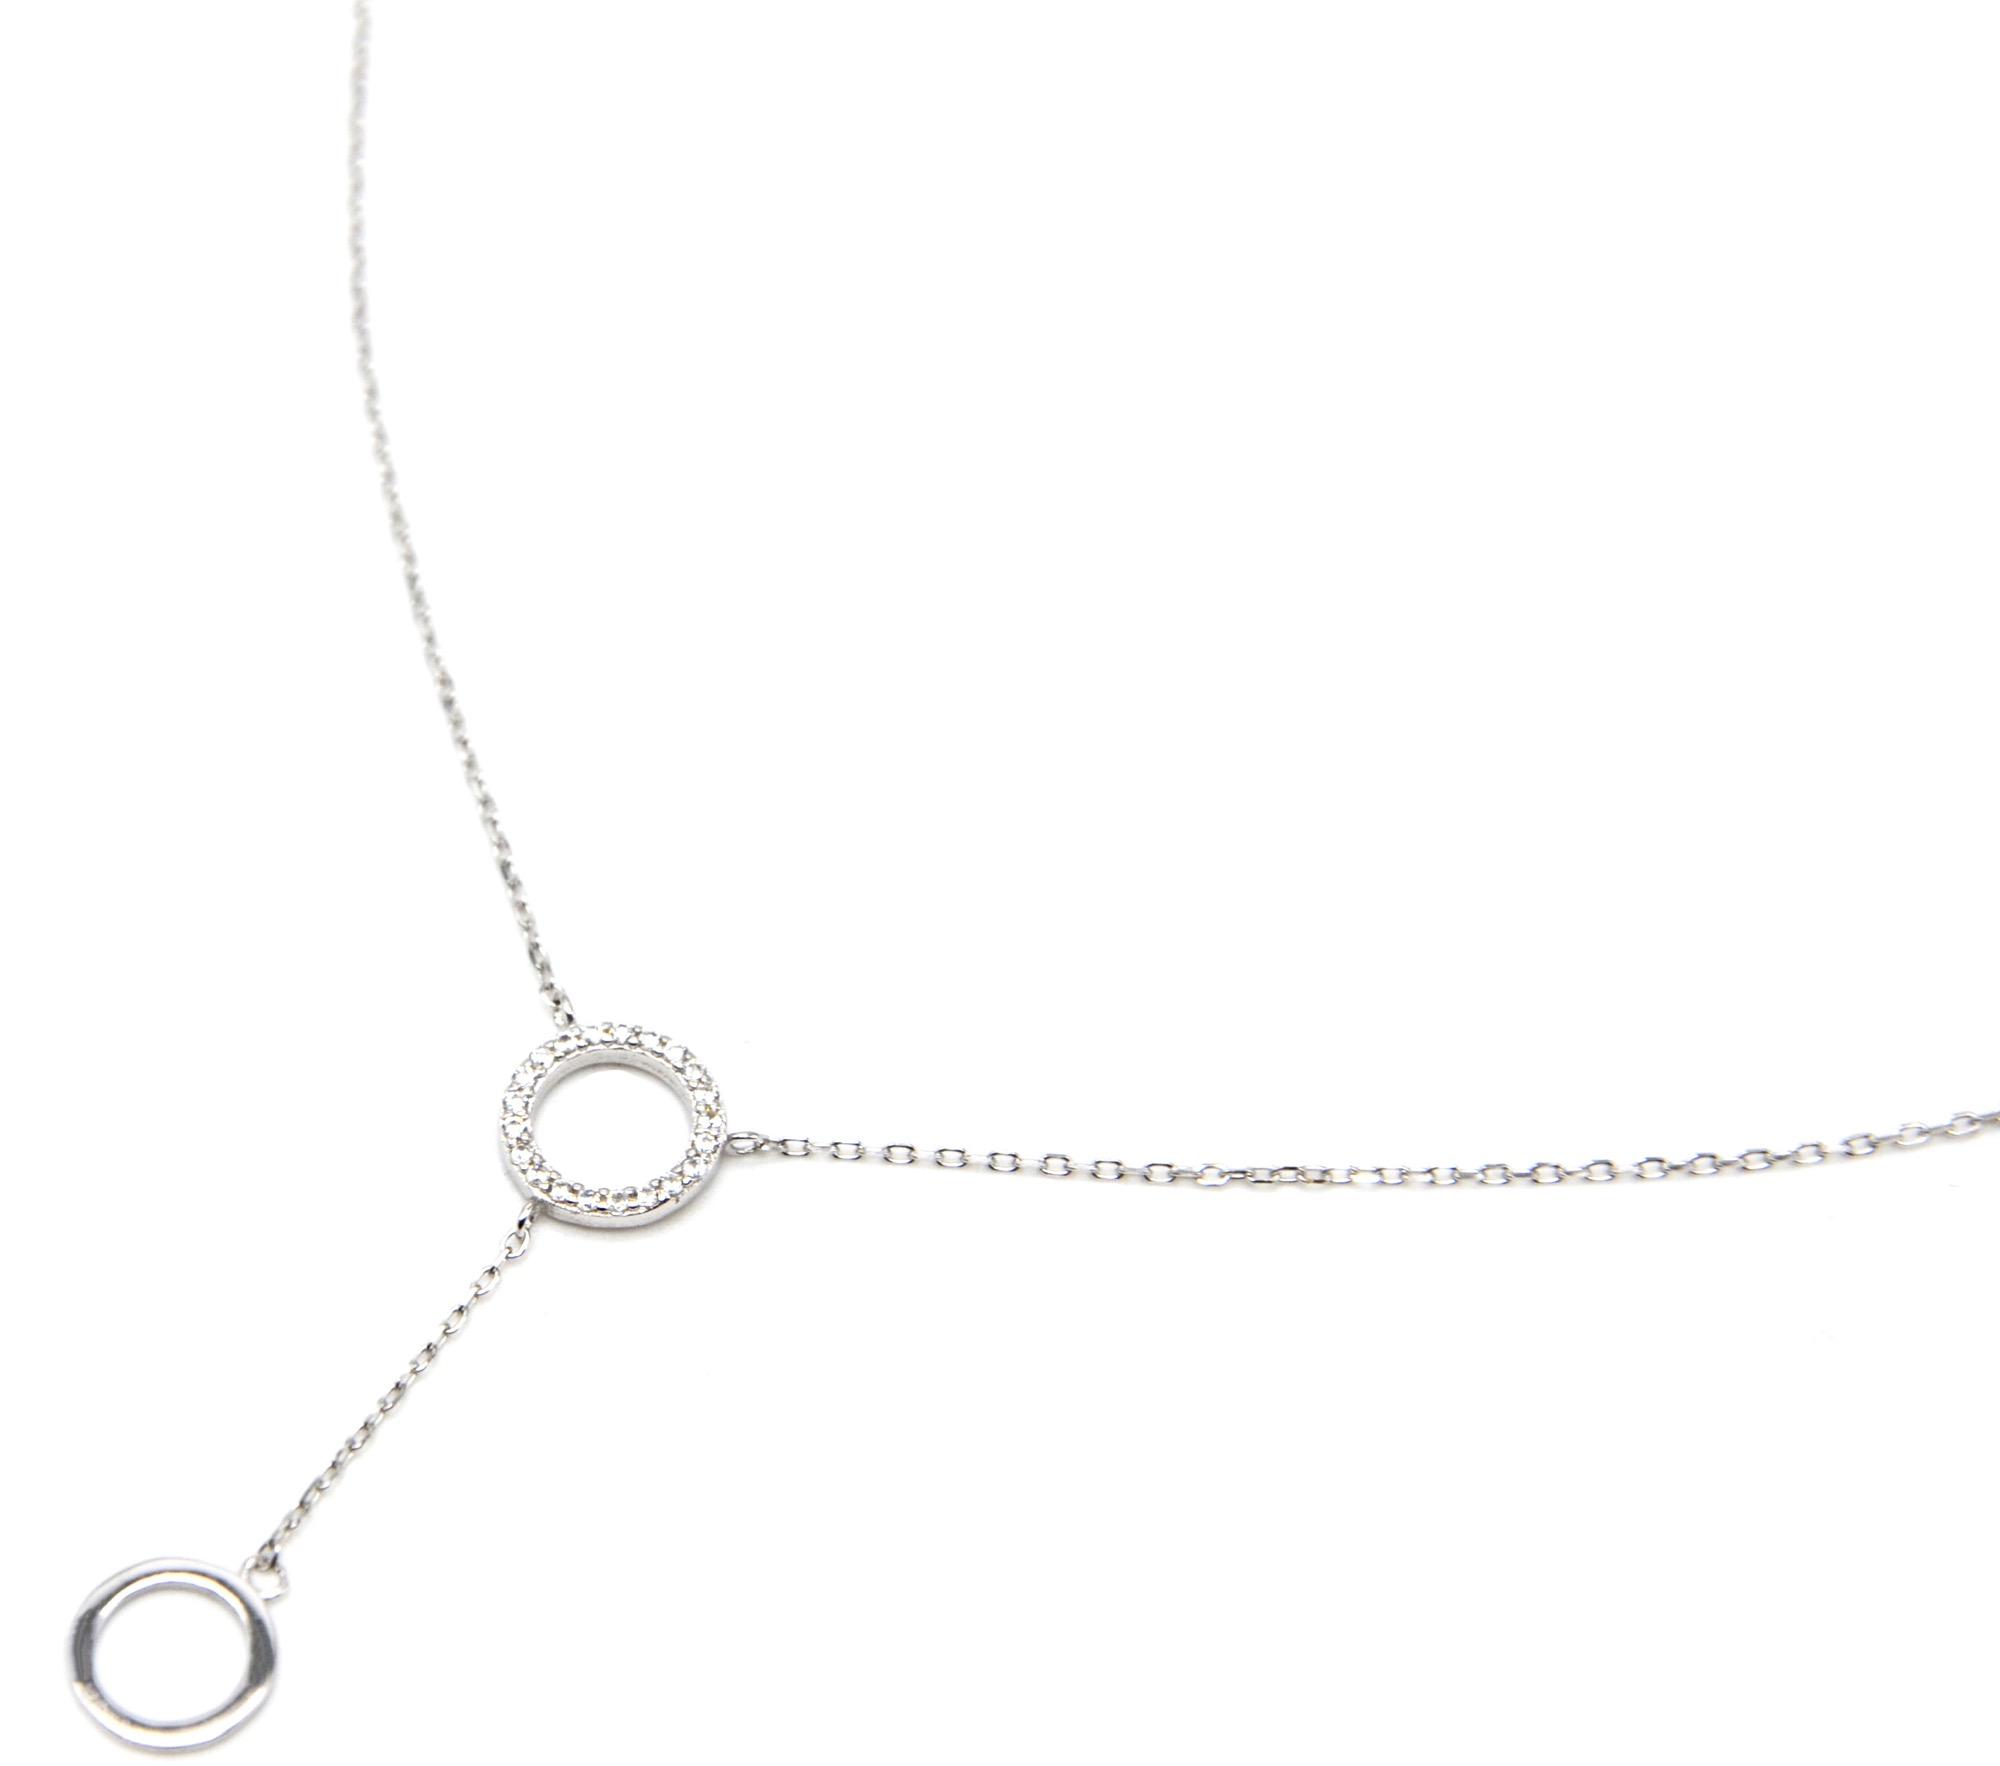 Fine Collier Zirconium Cc2571e Argent Chaîne 925 Pendentif Strass Cercles Y Avec Double trBdCQxsho